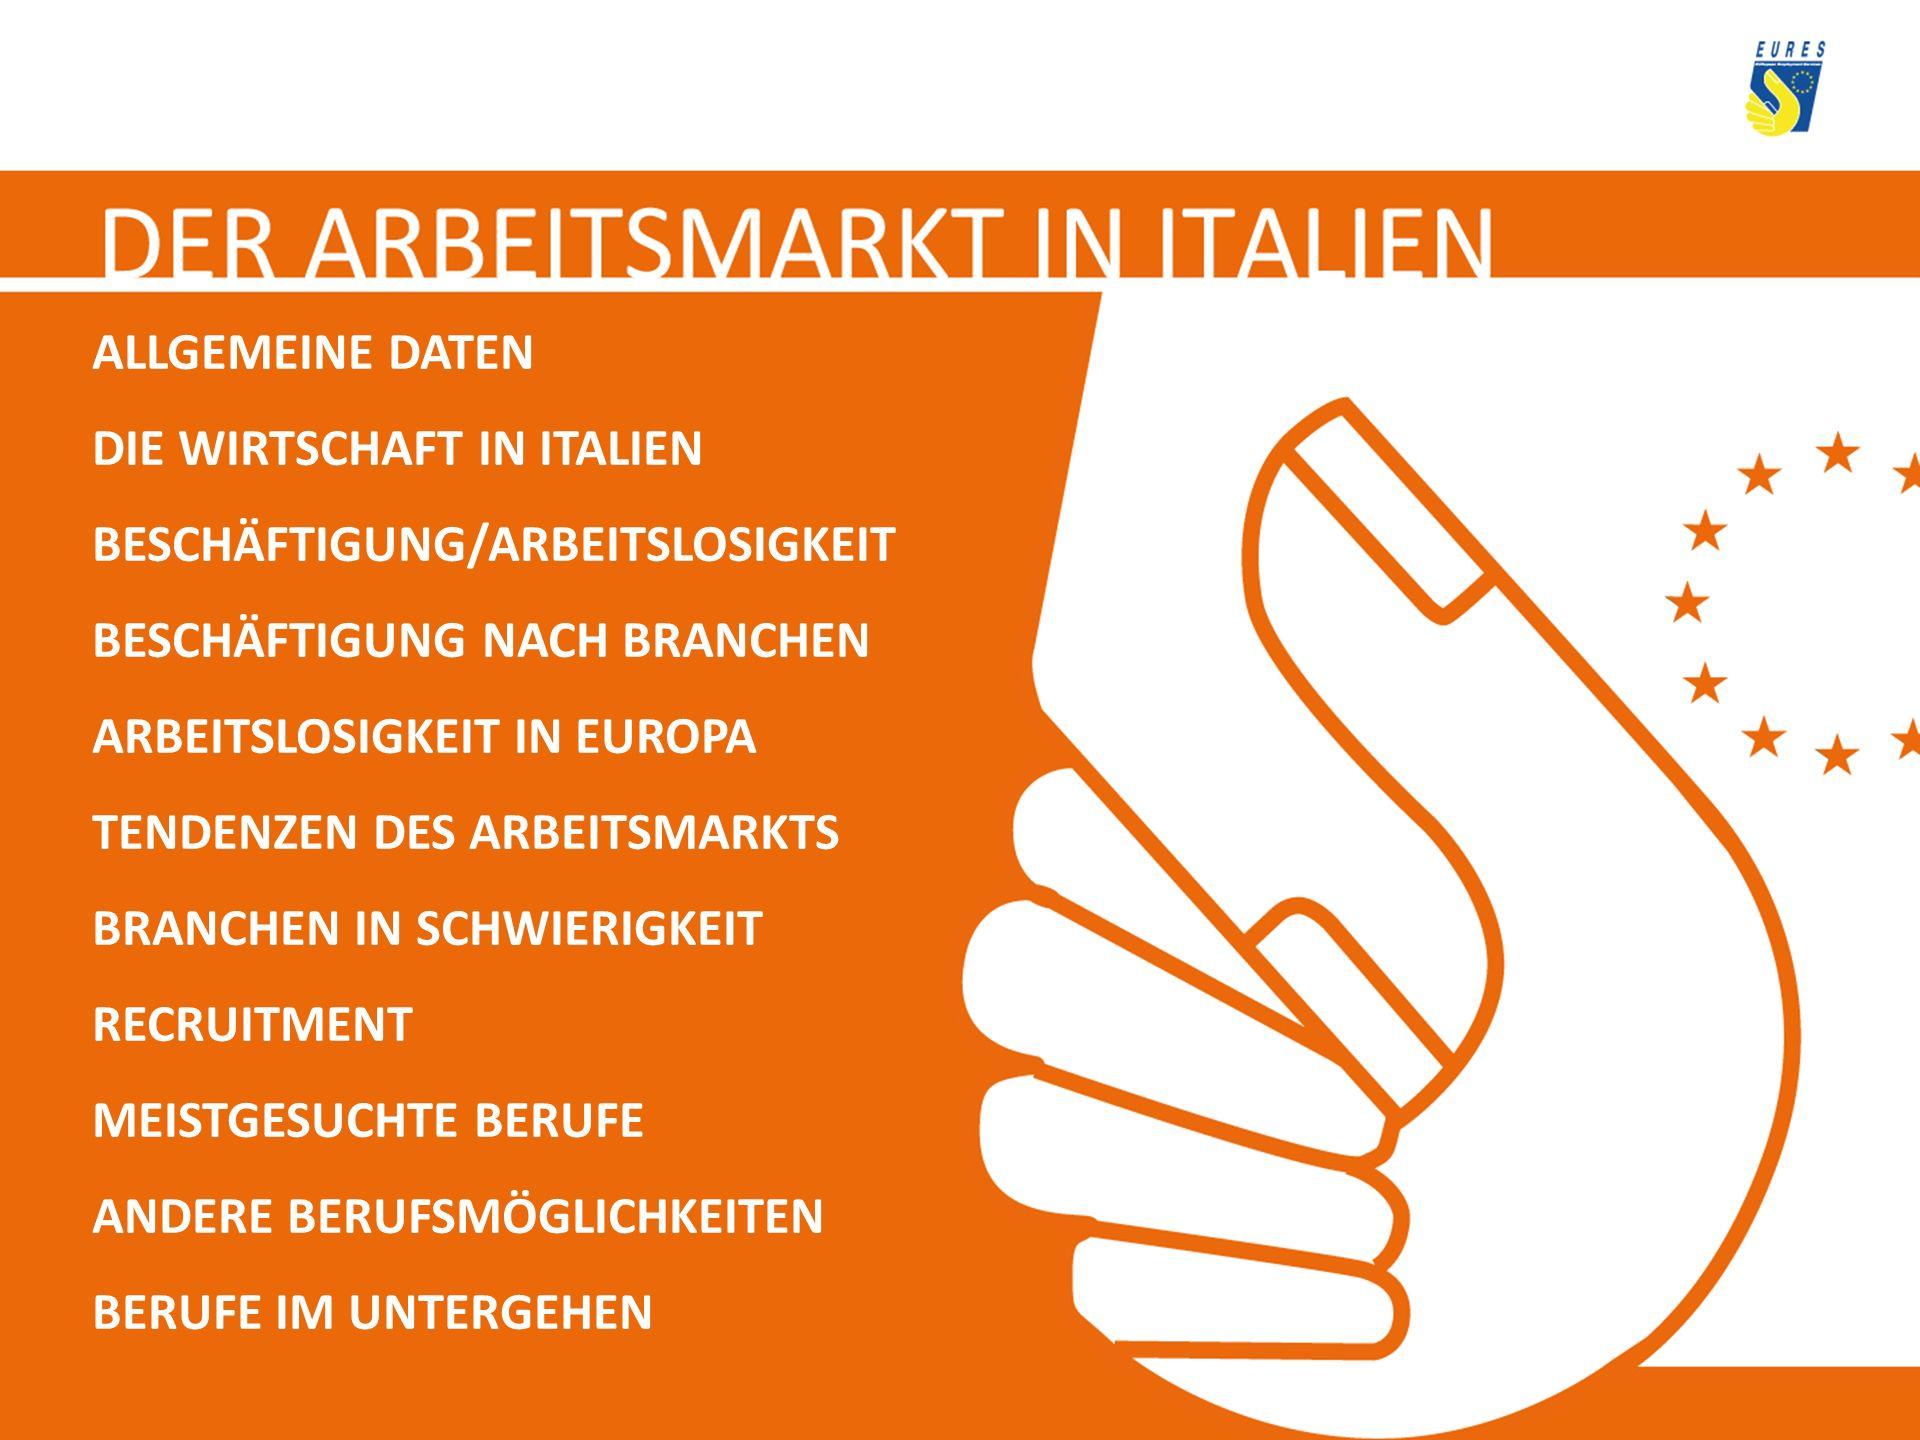 ALLGEMEINE DATEN HAUPTSTADT: Rom GRUNDFLÄCHE: 301, 336 Km 2 EINWOHNER: 60,045 Millionen WÄHRUNG: Euro AUSLÄNDER: 4,235 Millionen OFFIZIELLE LANDESSPRACHE: Italienisch POLITISCHES SYSTEM: Parlamentarische Republik REGIONEN: 20 PROVINZEN: 107 WICHTIGESTÄDTE: Mailand, Turin, Bologna, Genua, Neapel